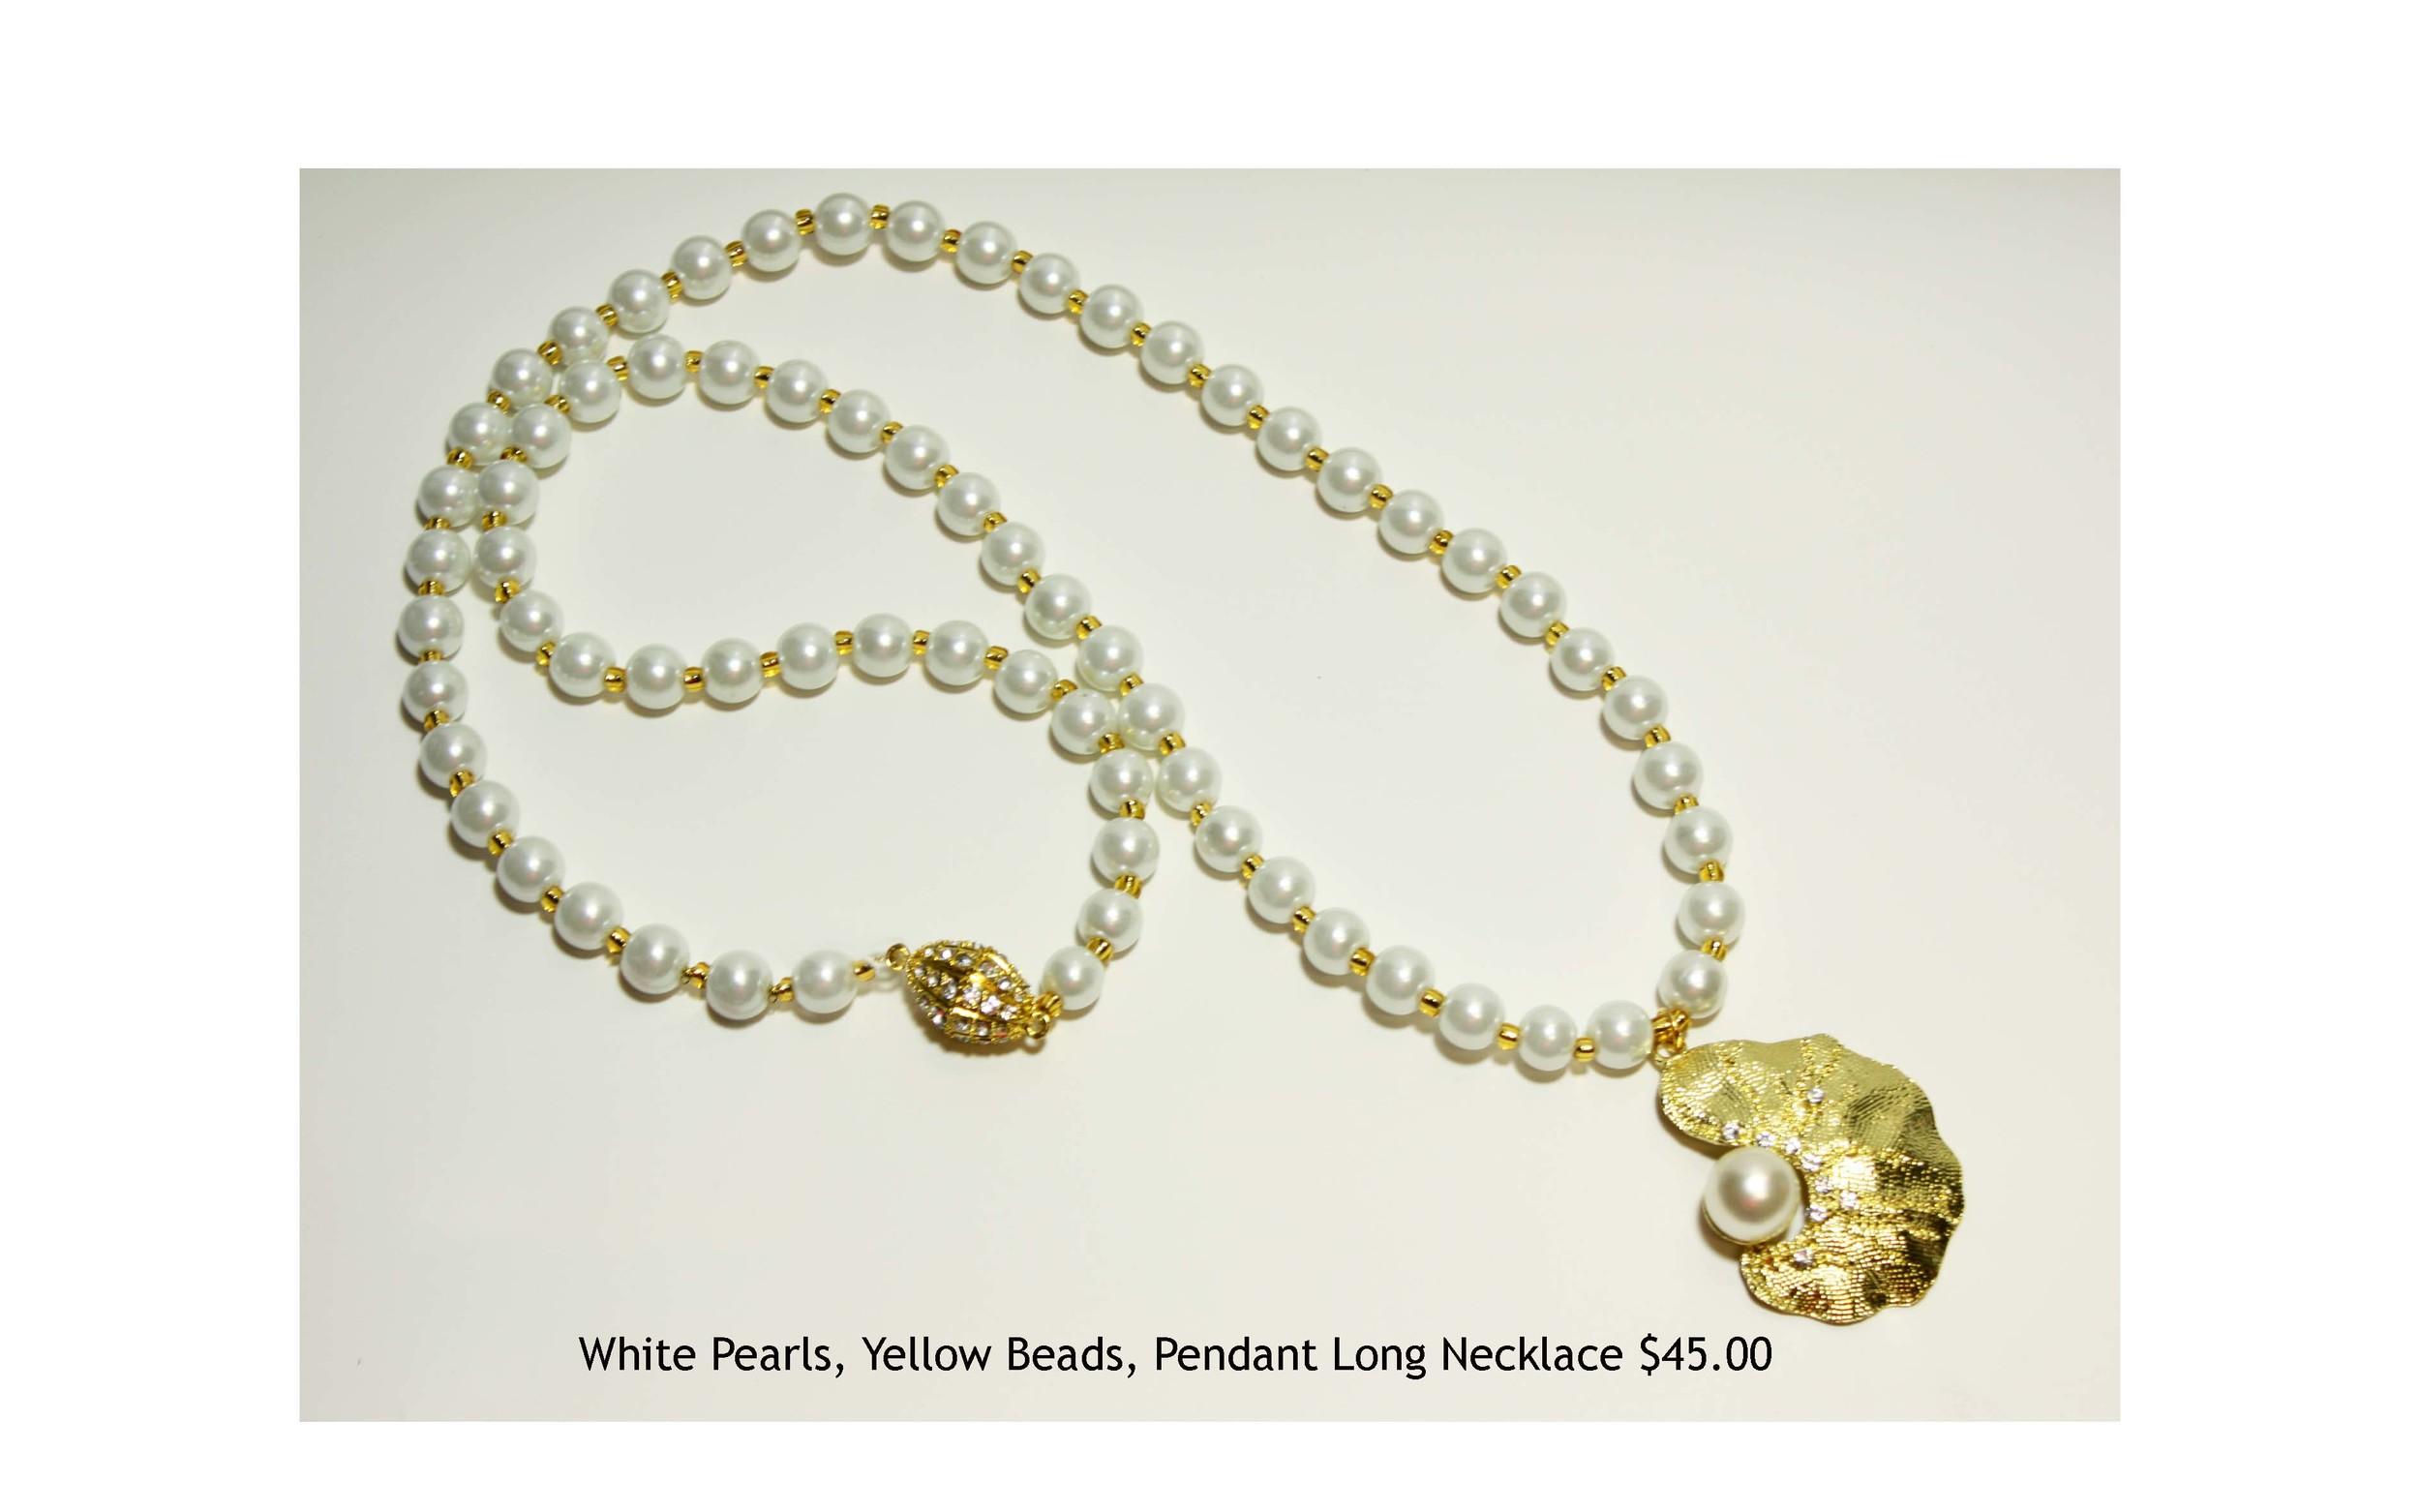 collar perlas lago pag web copy.jpg